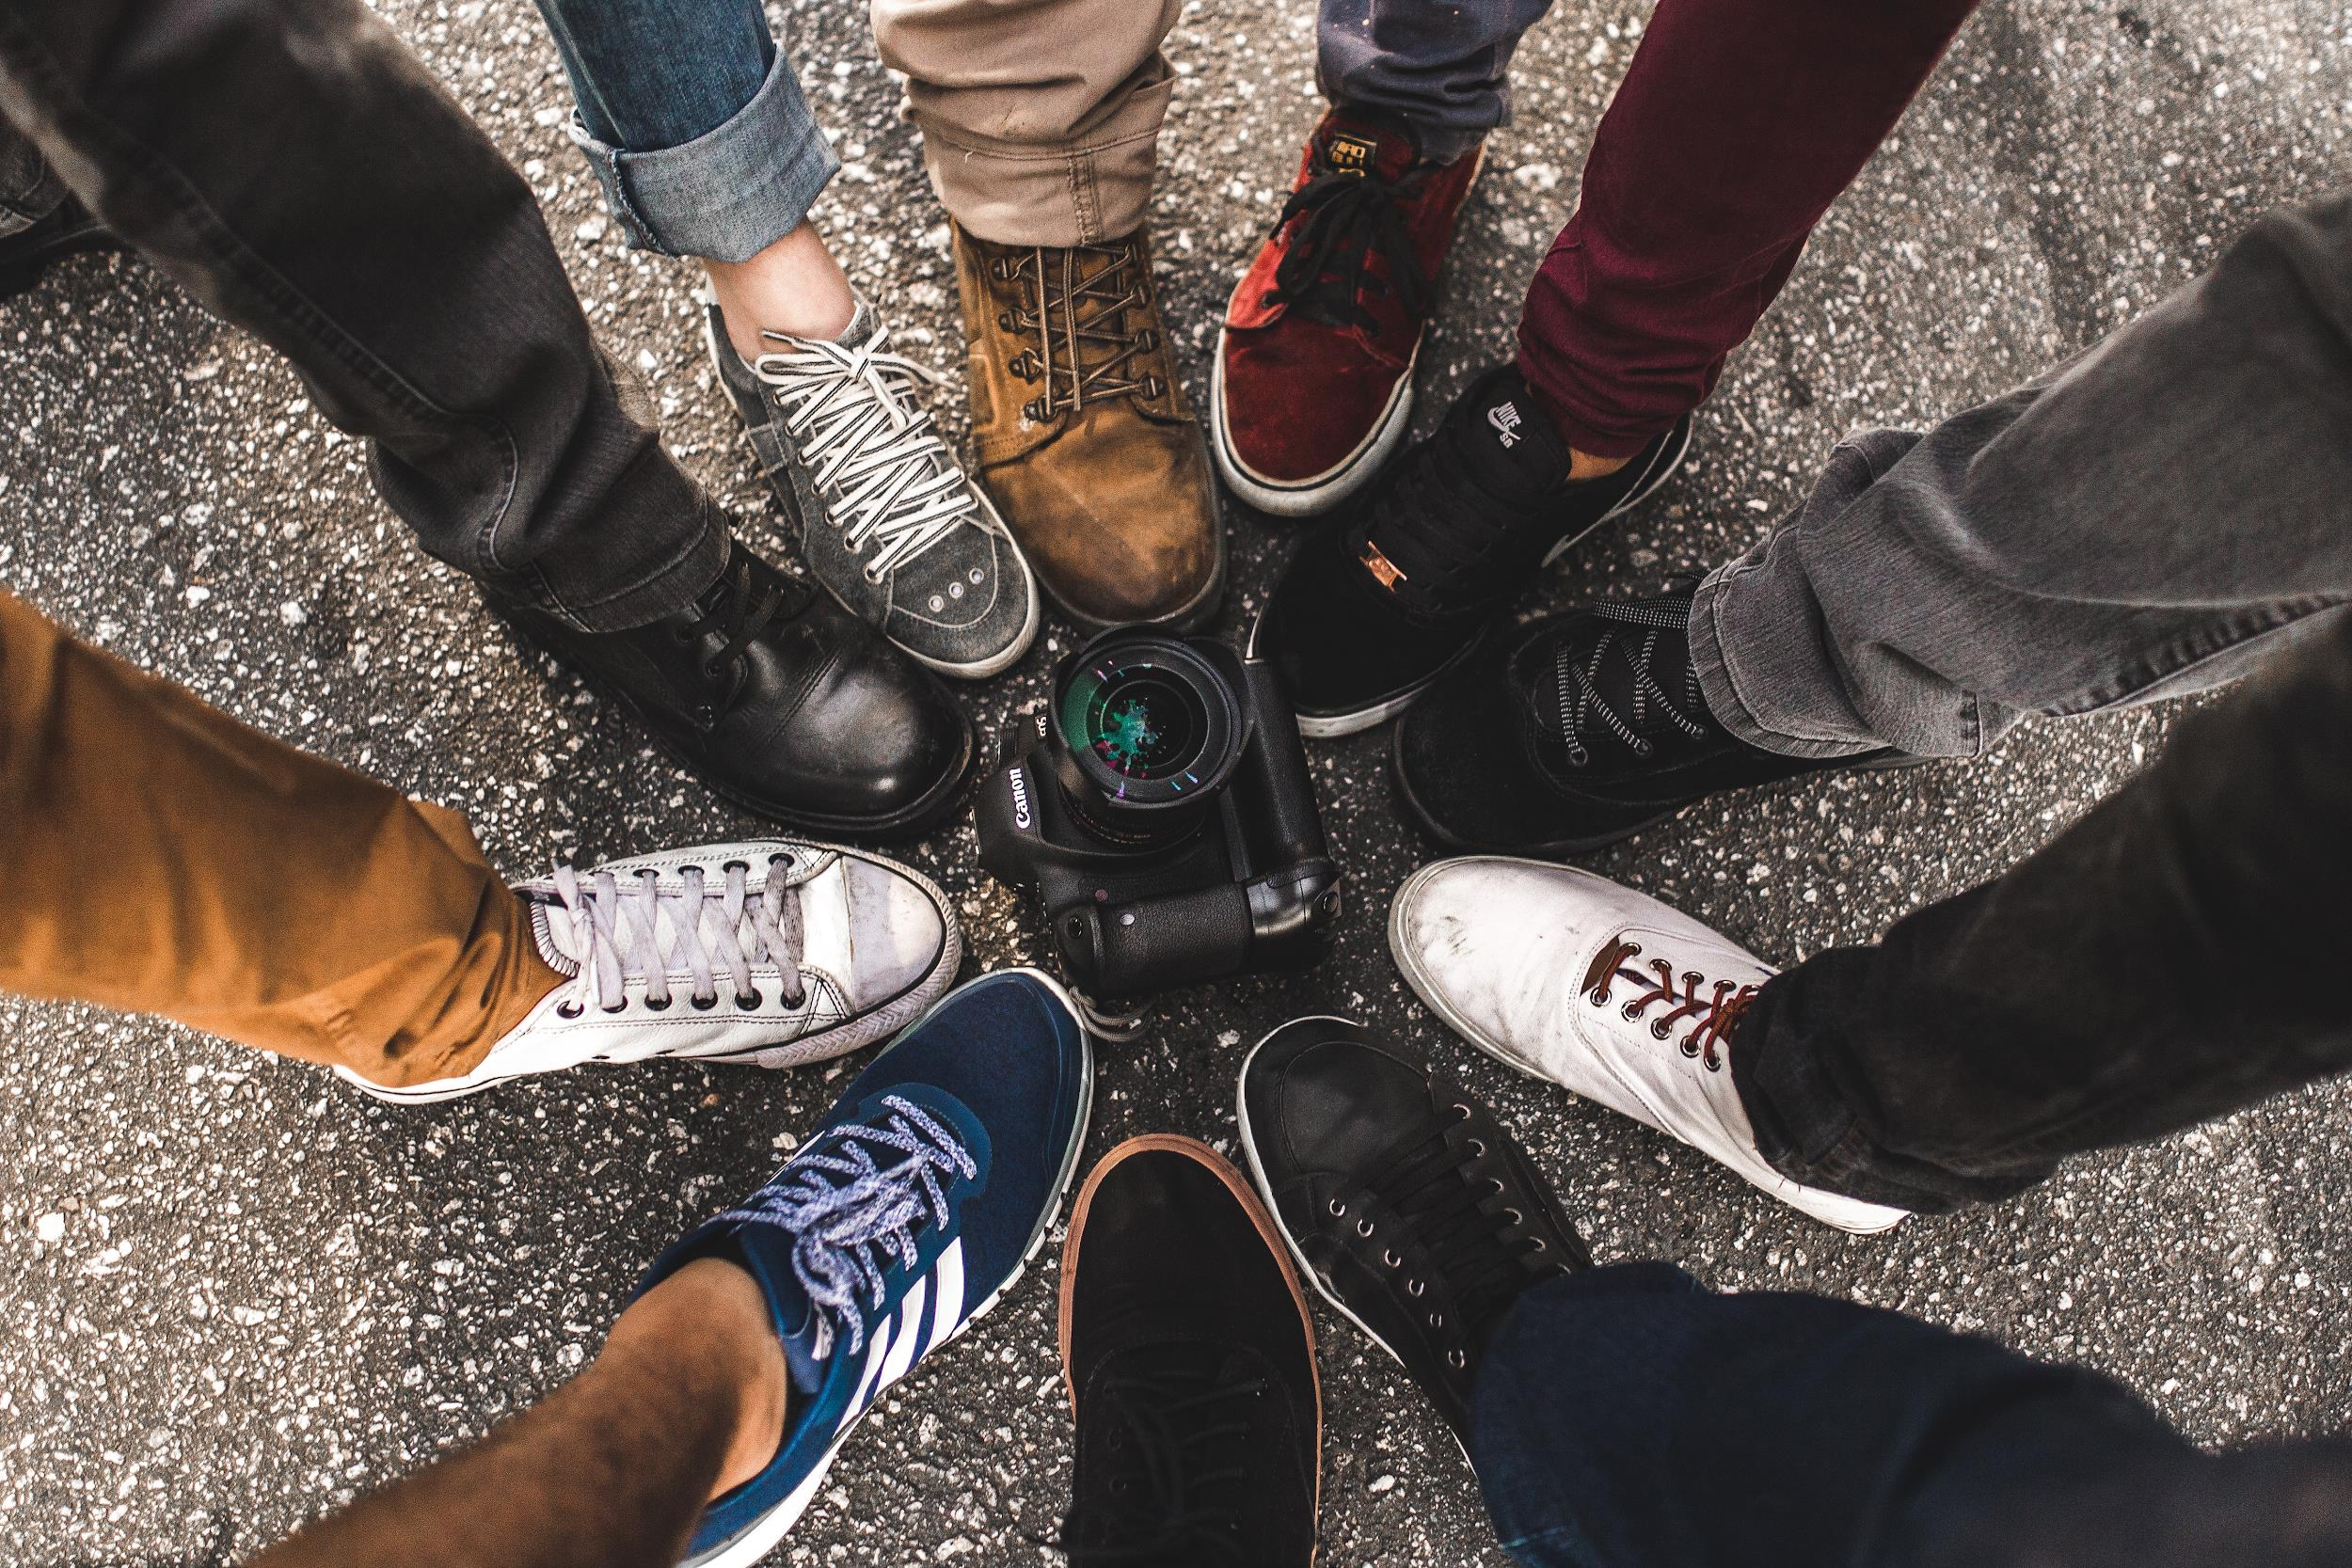 c9d07f126 Как правильно выбирать кроссовки 👞 на все случаи жизни?